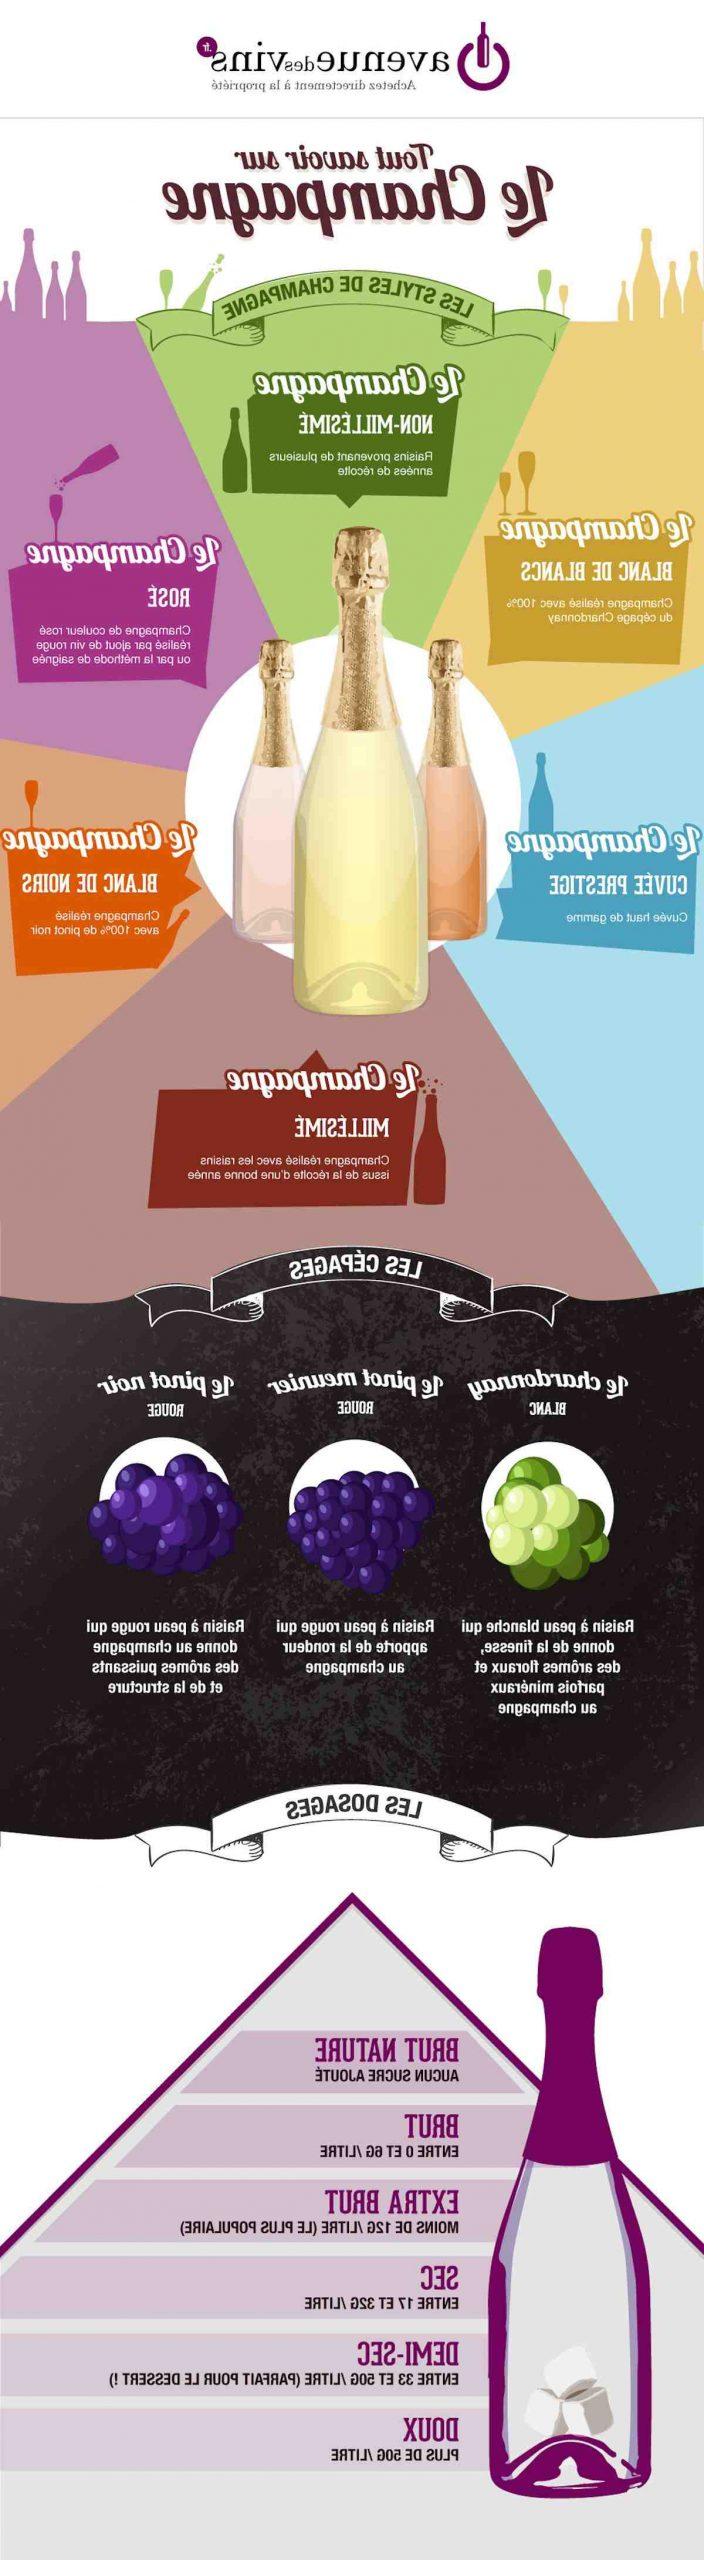 Quel raisin pour faire du vin ?